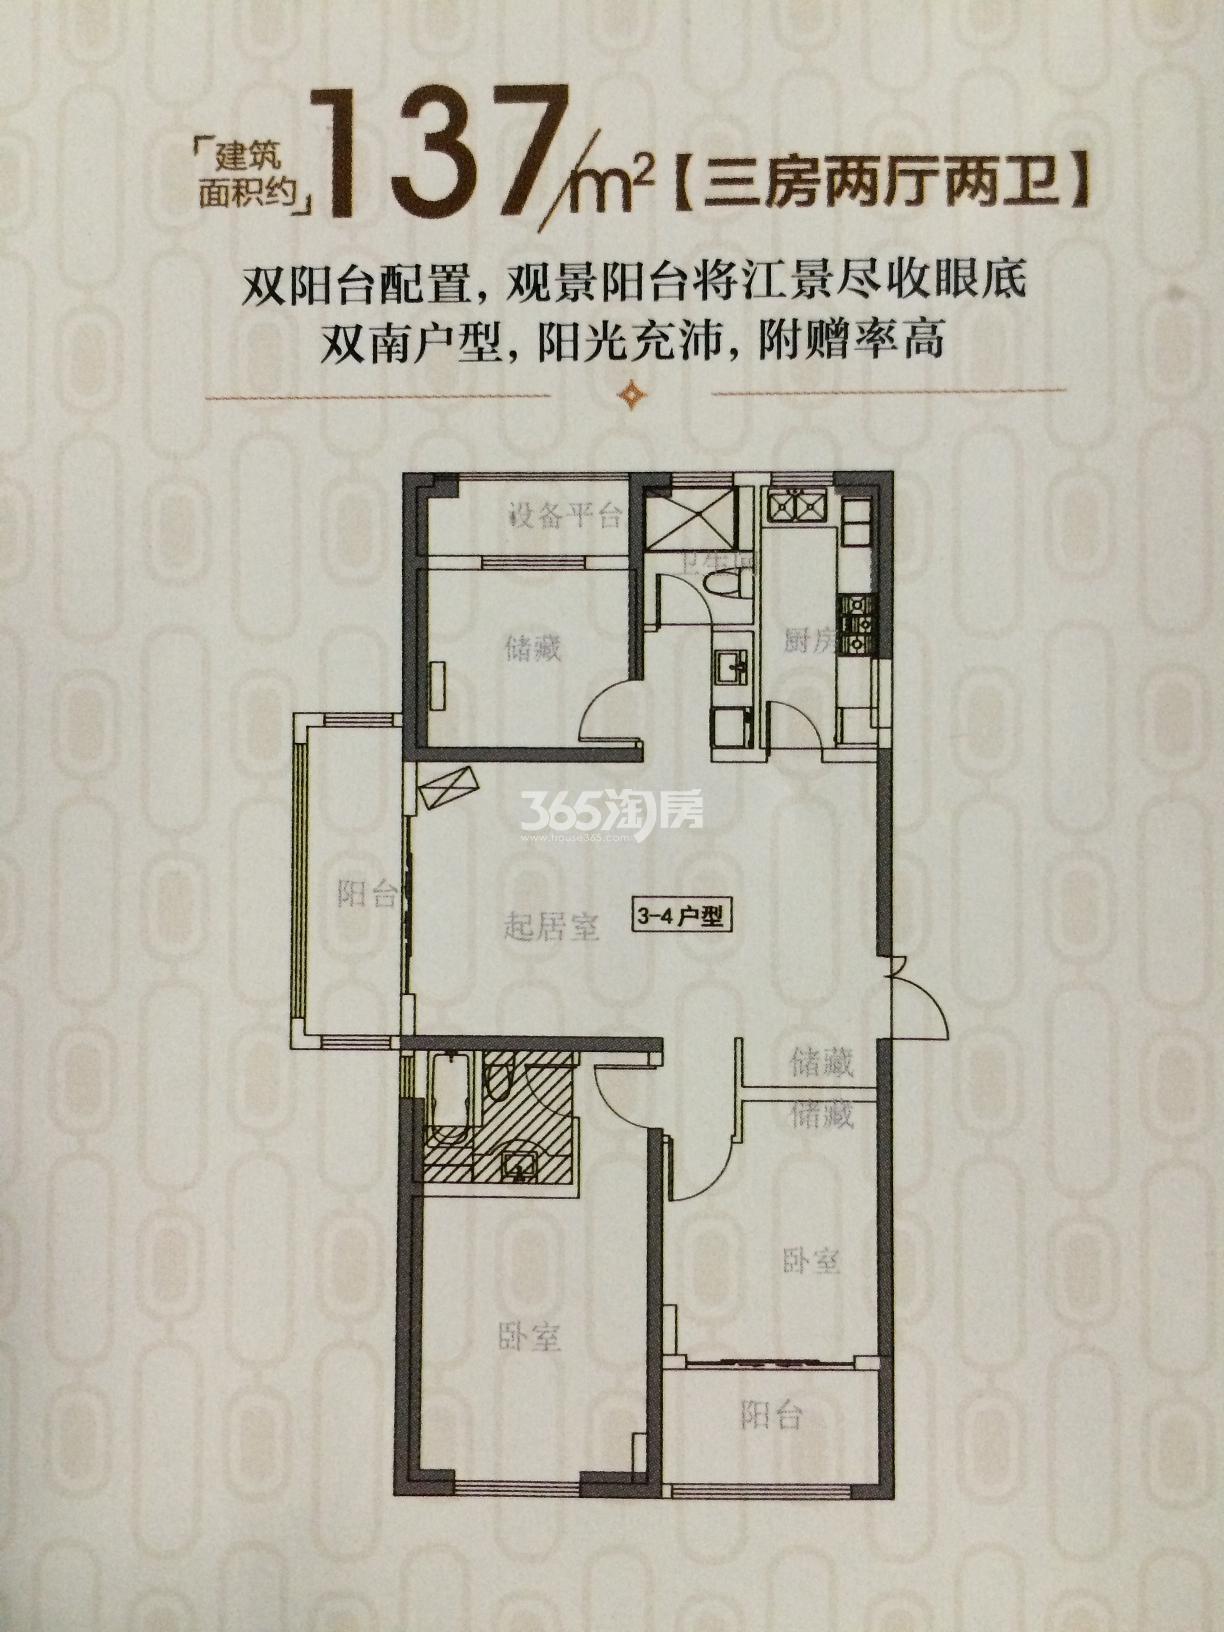 恒盛金陵湾D地块3号楼 137㎡户型图